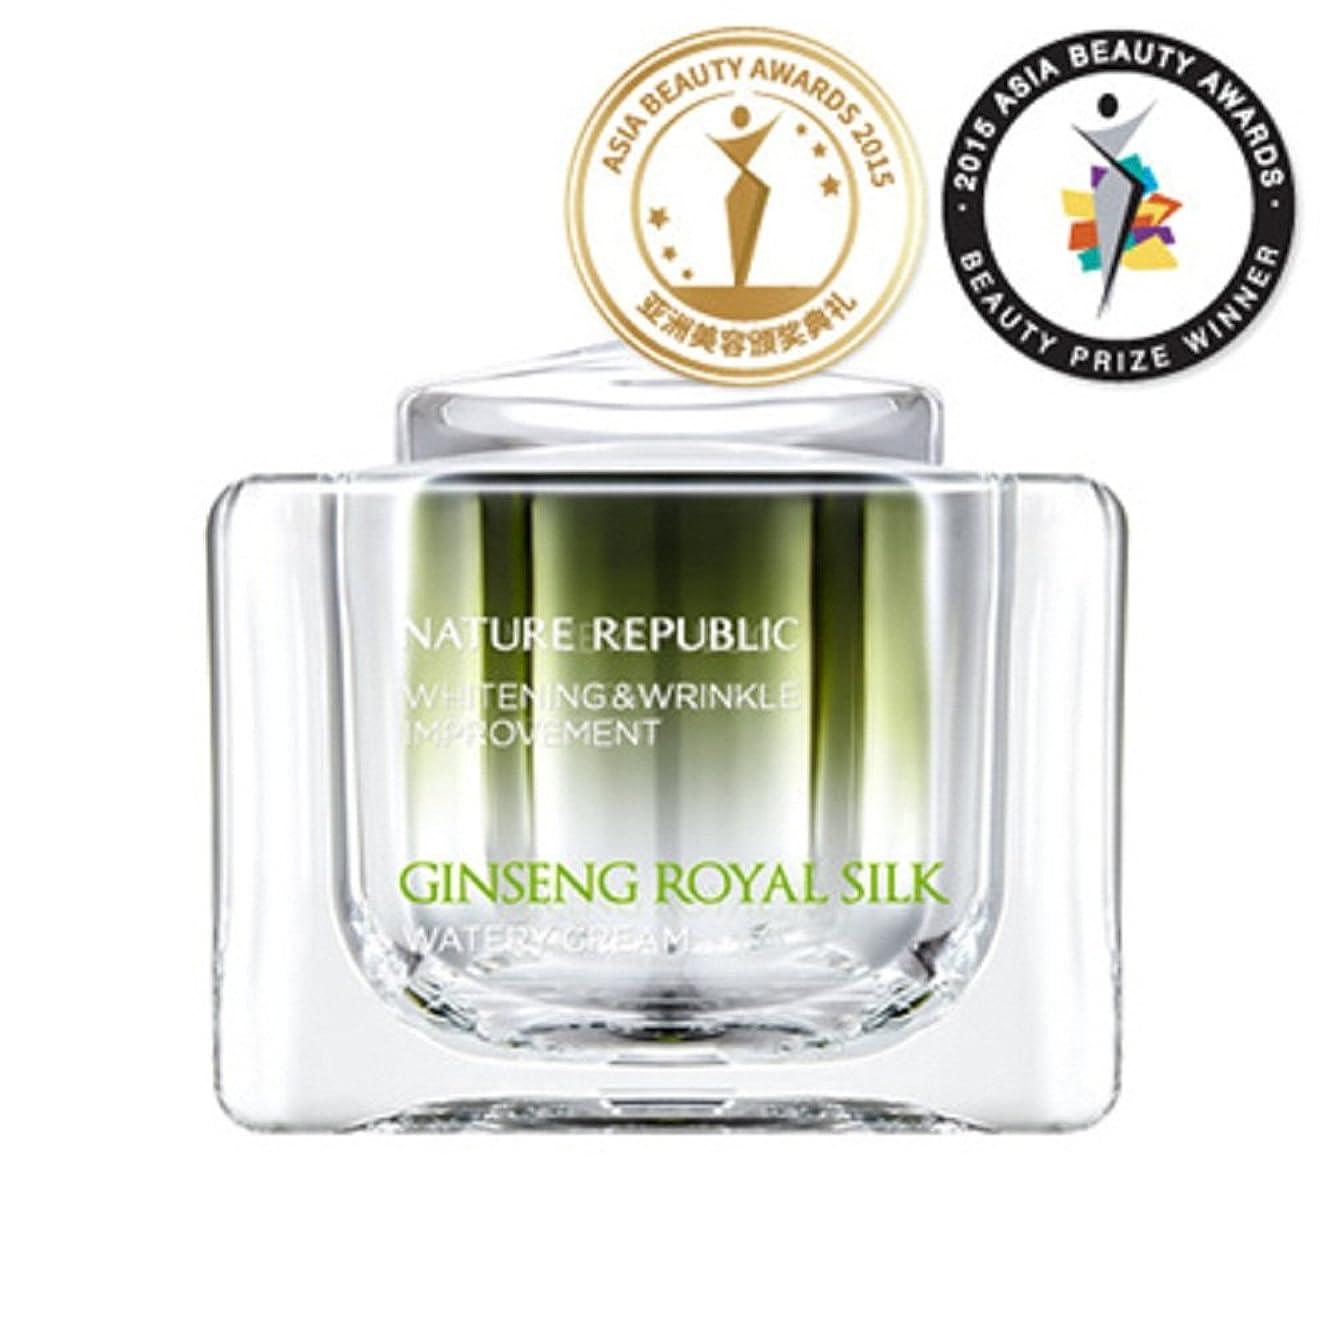 意識トランスミッション出発ネイチャーリパブリック [韓国コスメ NATURE REPUBLIC] ジンセン ロイヤル シルク ウォータリー クリーム [海外直送品]Nature Republic, Ginseng Royal silk Watery cream